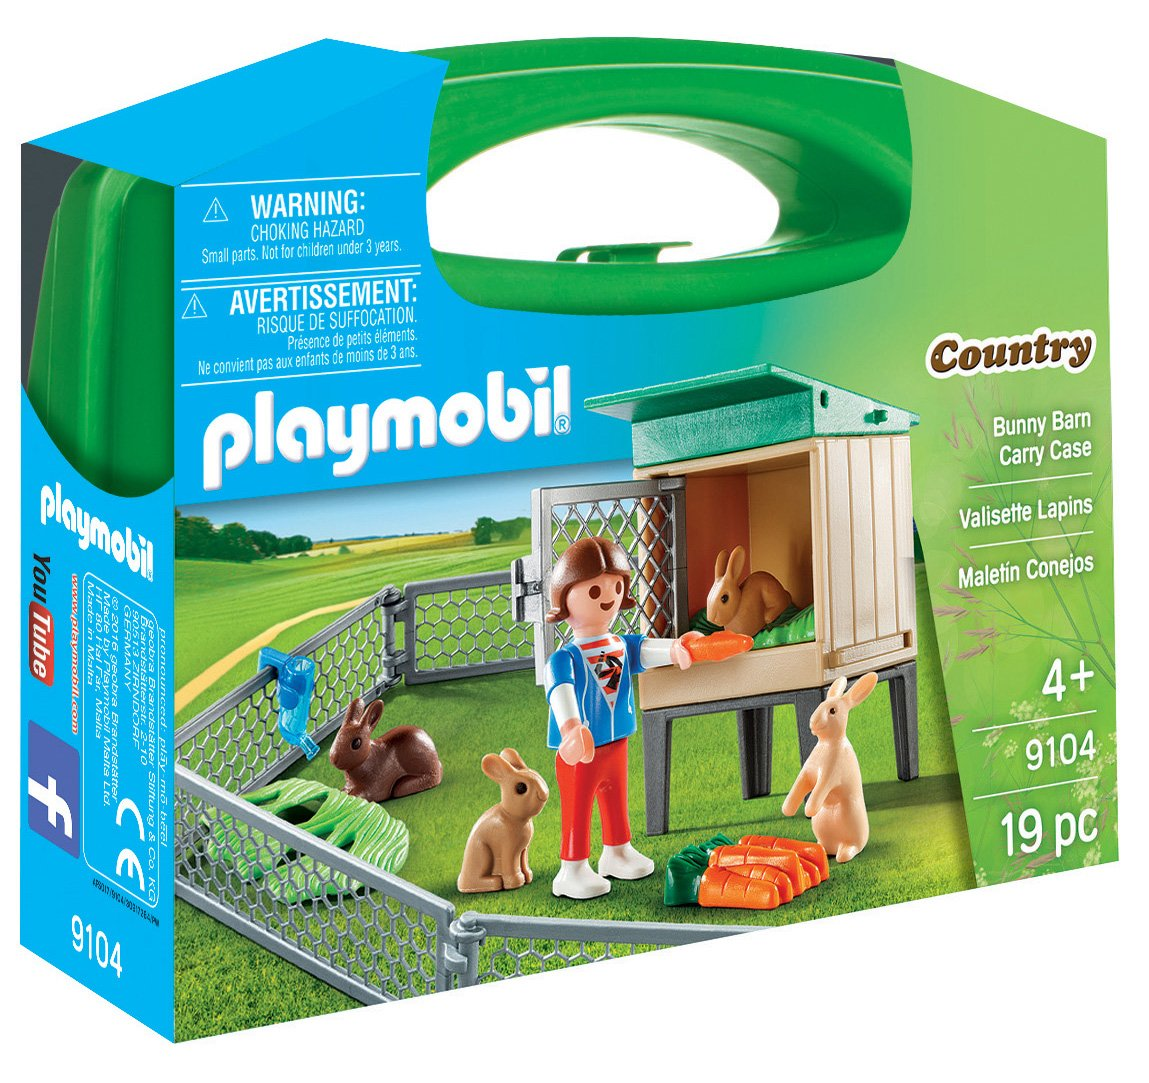 Playmobil-9104 Maletín Conejos, única (9104: Amazon.es: Juguetes y juegos